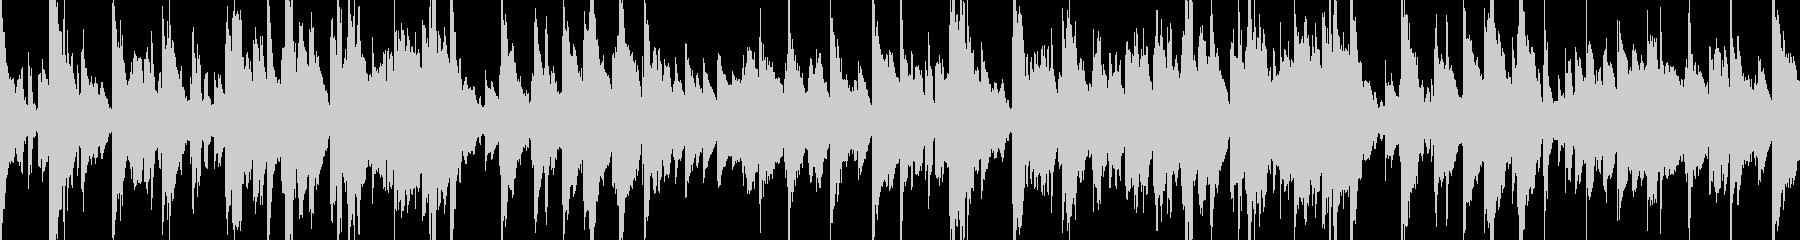 ゆったりとしたおしゃれなピアノBGMの未再生の波形